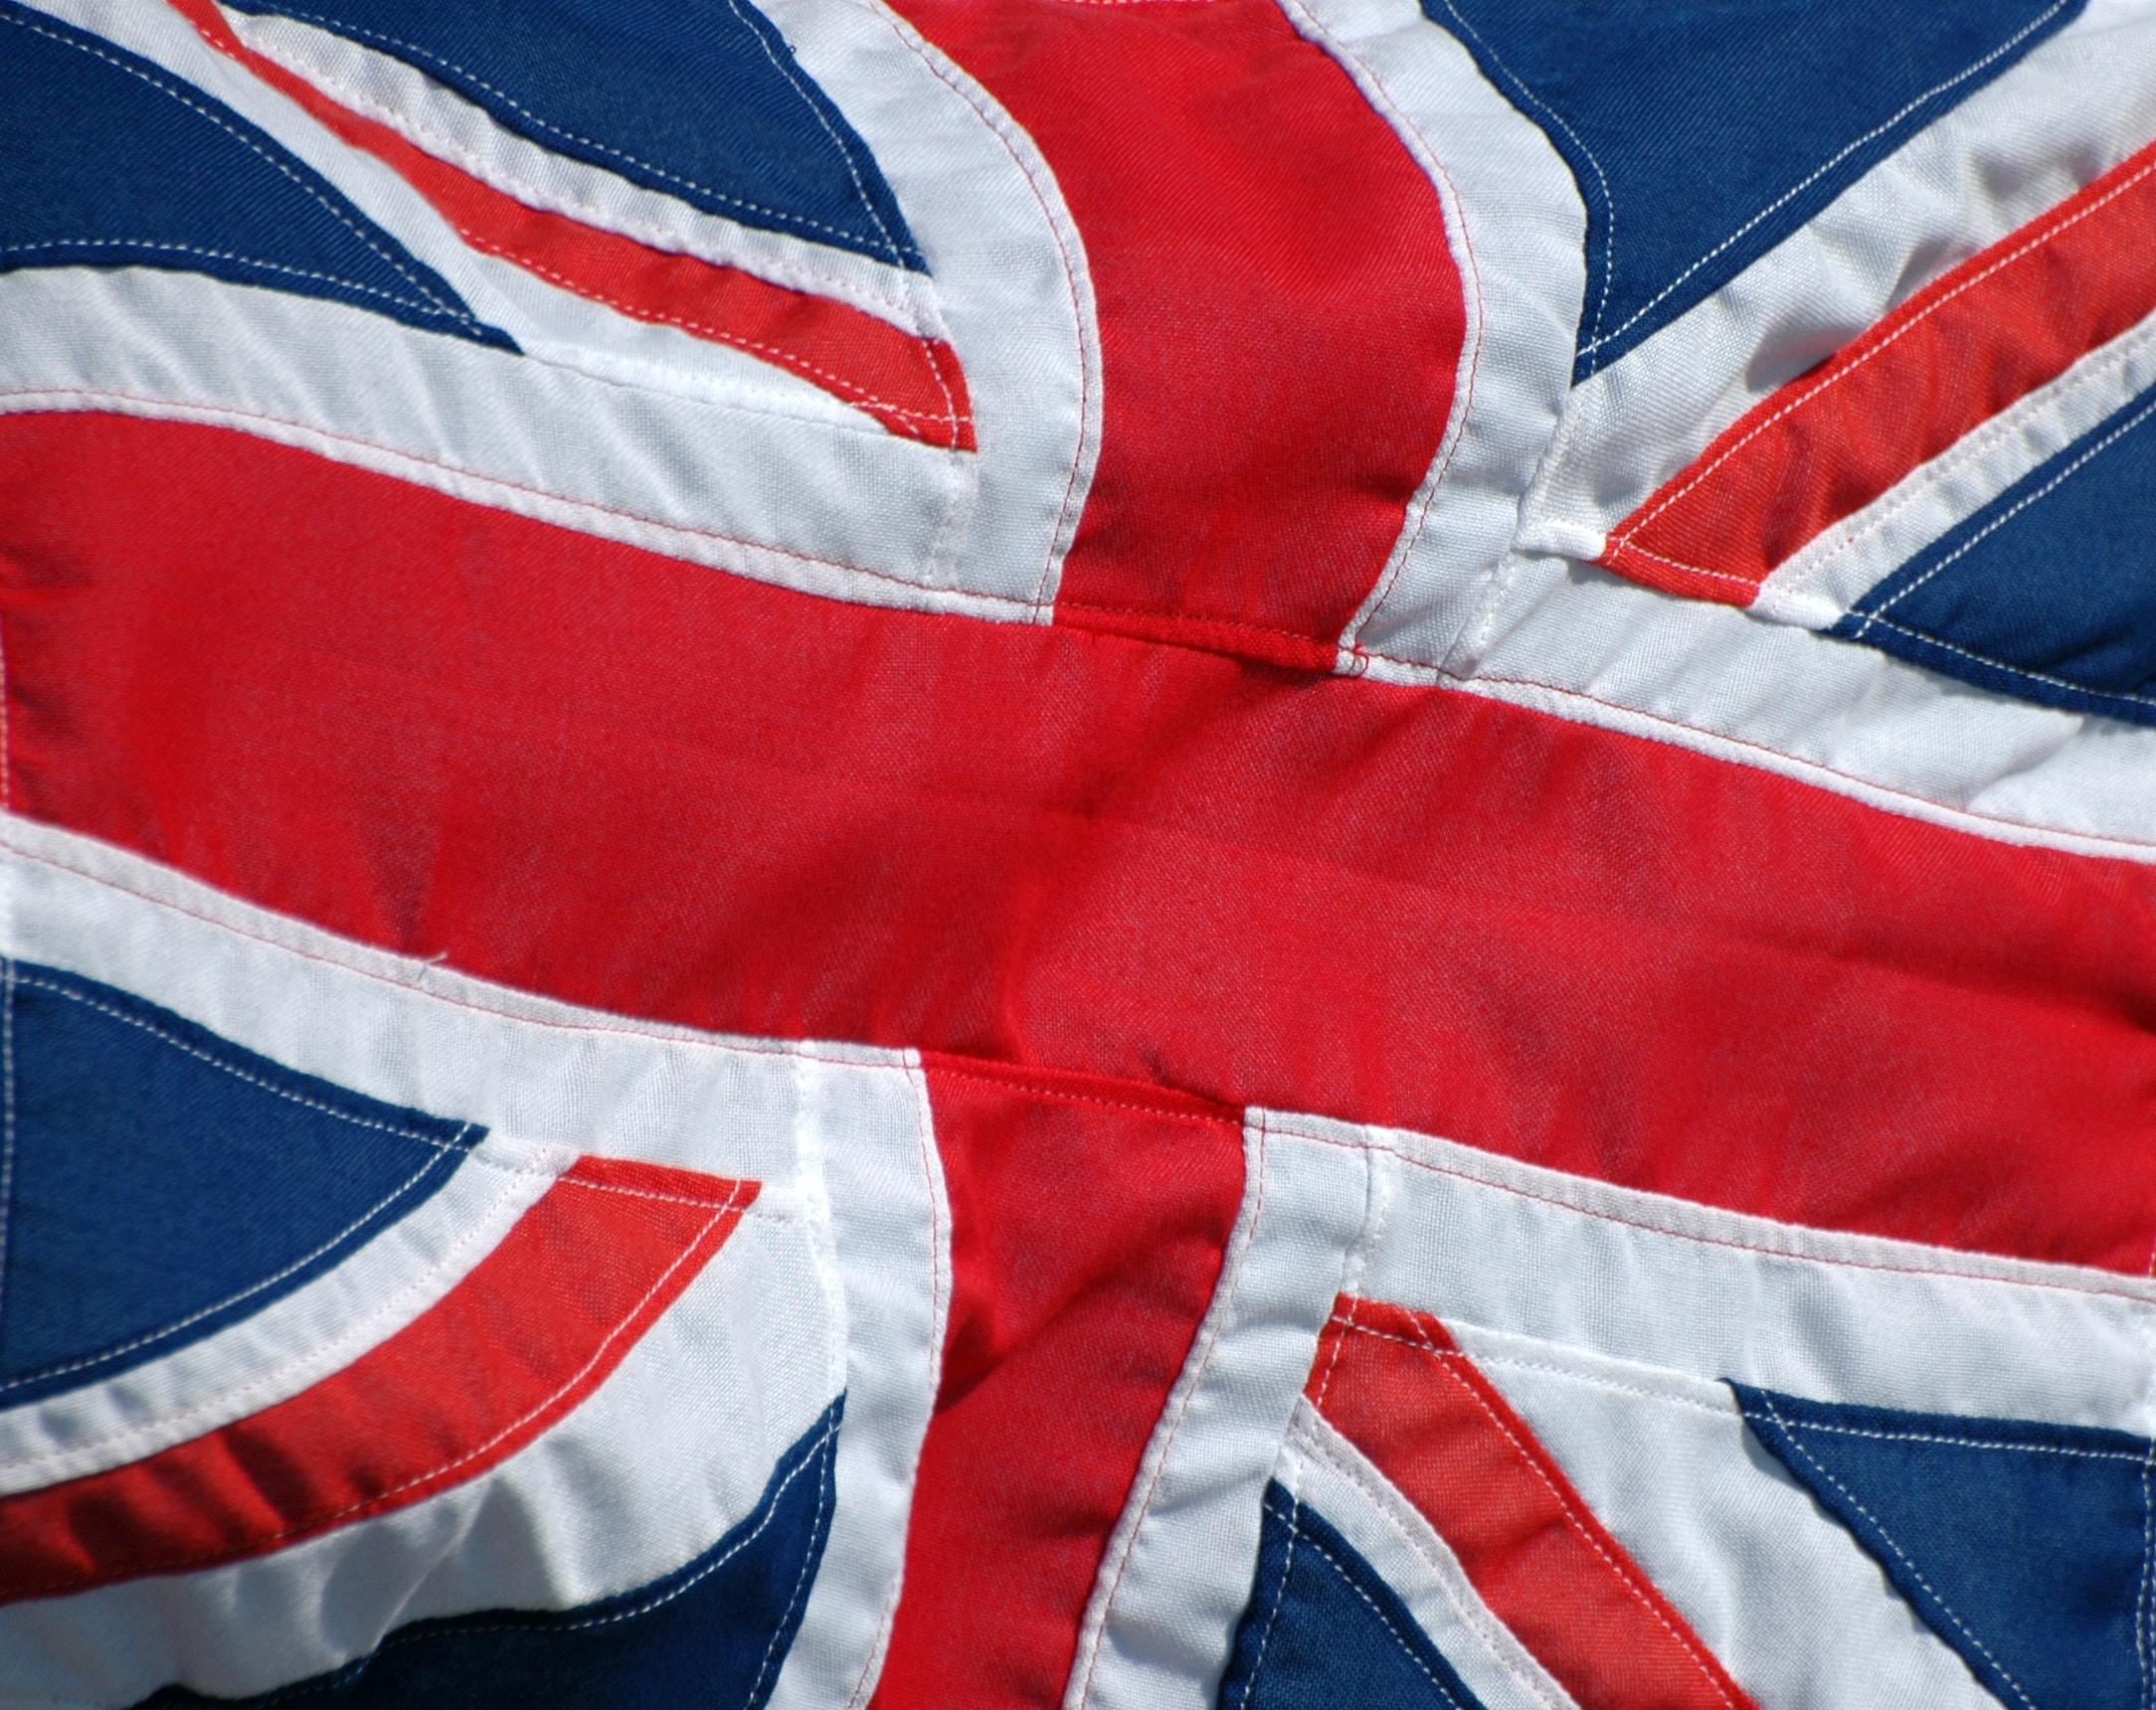 Großbritannien will die Ukraine weiterhin im militärischen Bereich unterstützen